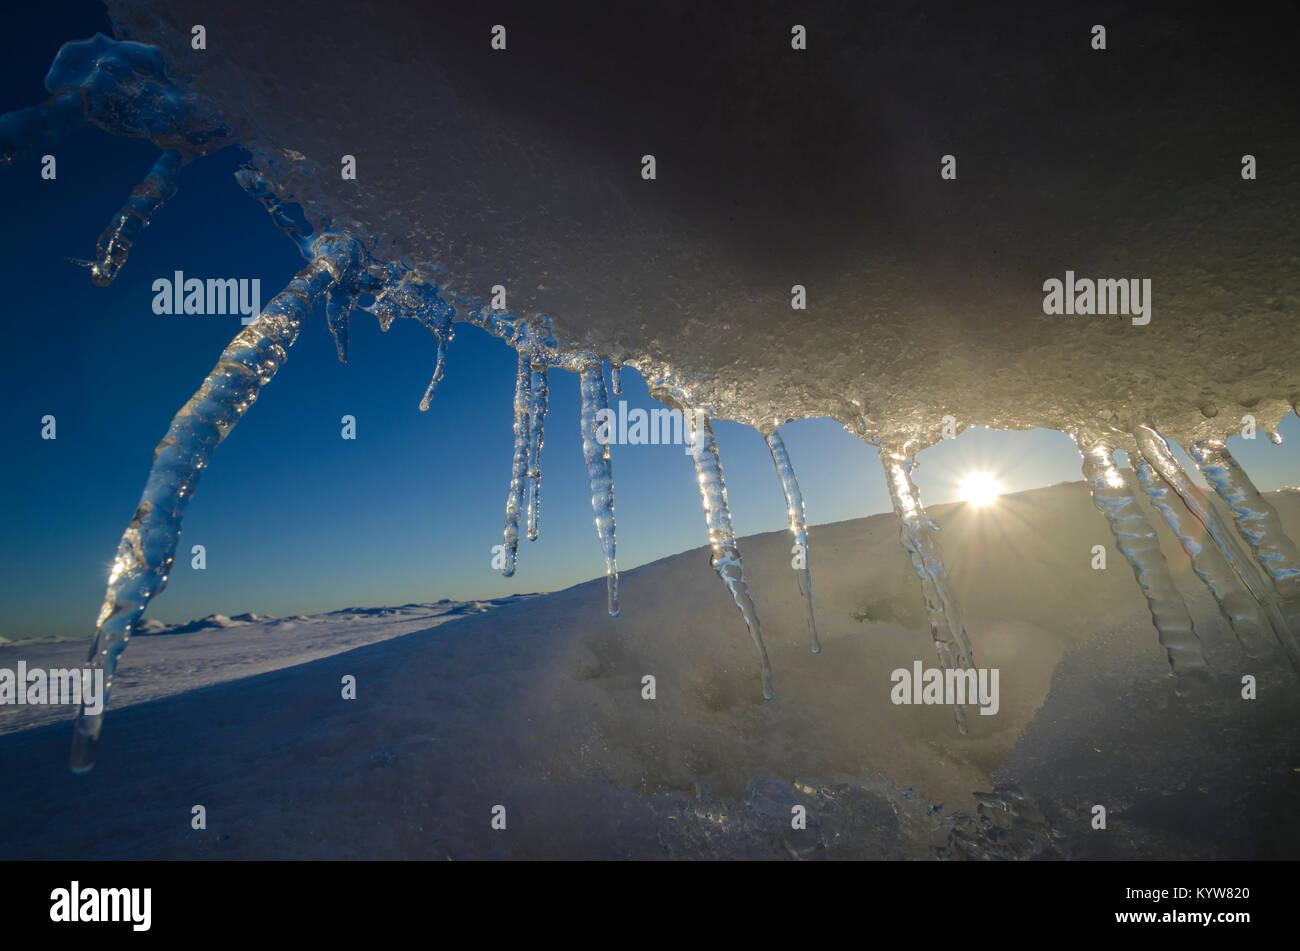 La banquise sur la côte de la Mer Blanche Photo Stock